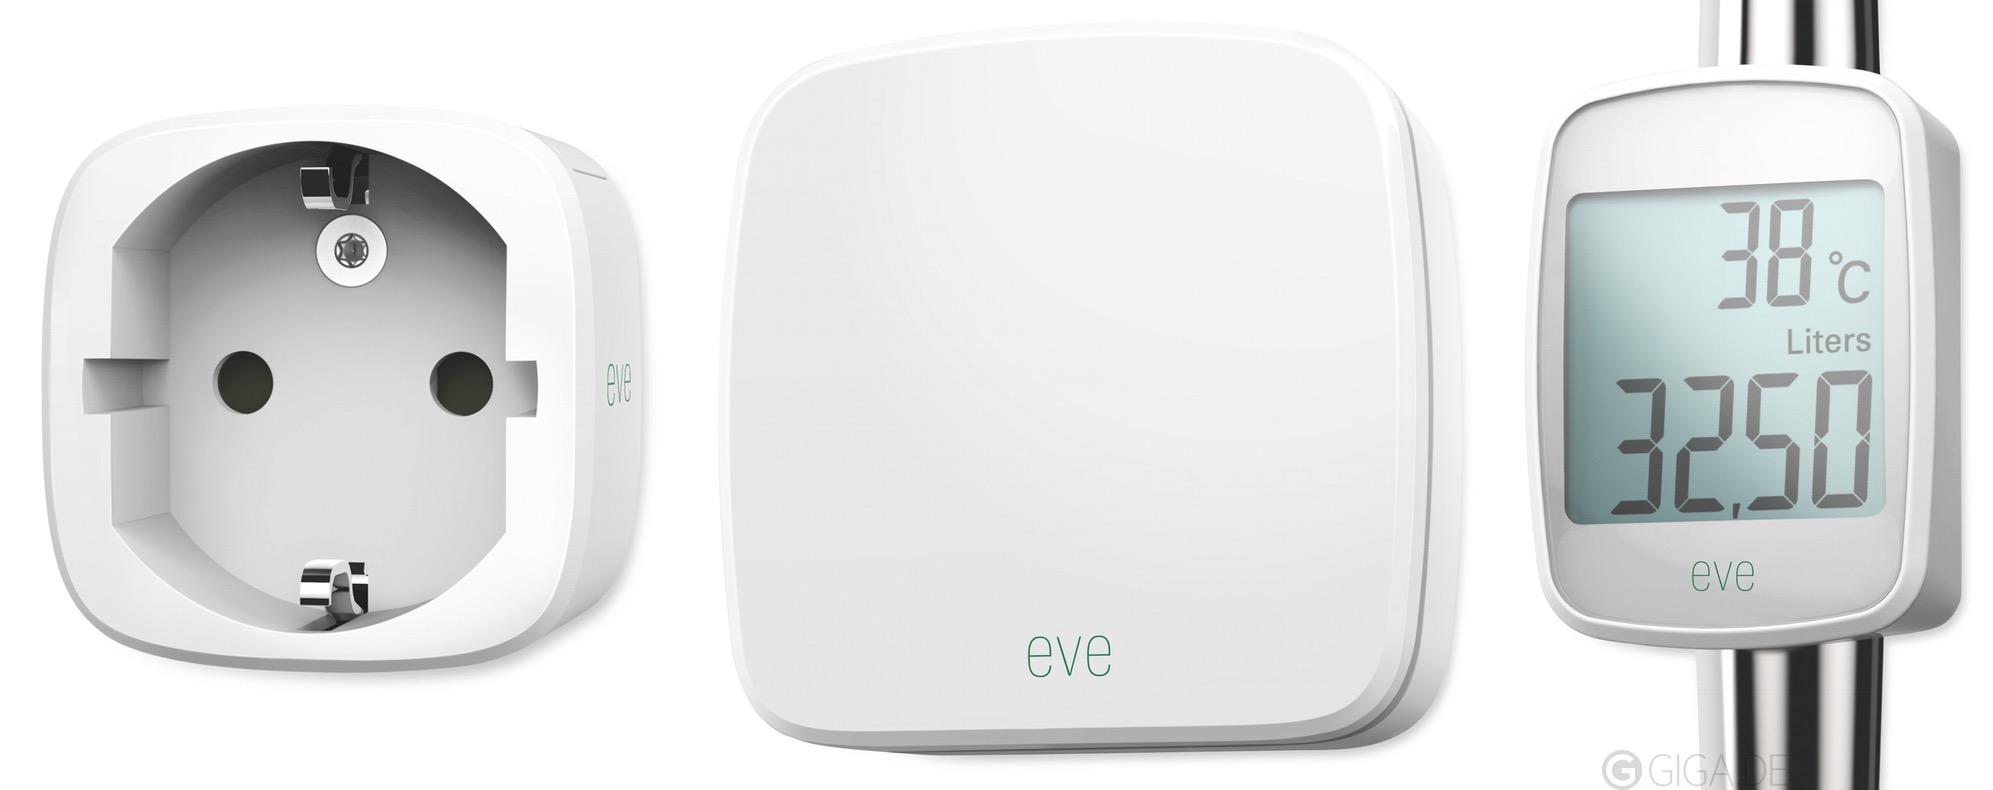 Elgato Eve - Linea di sensori per la domotica controllata da smartphone